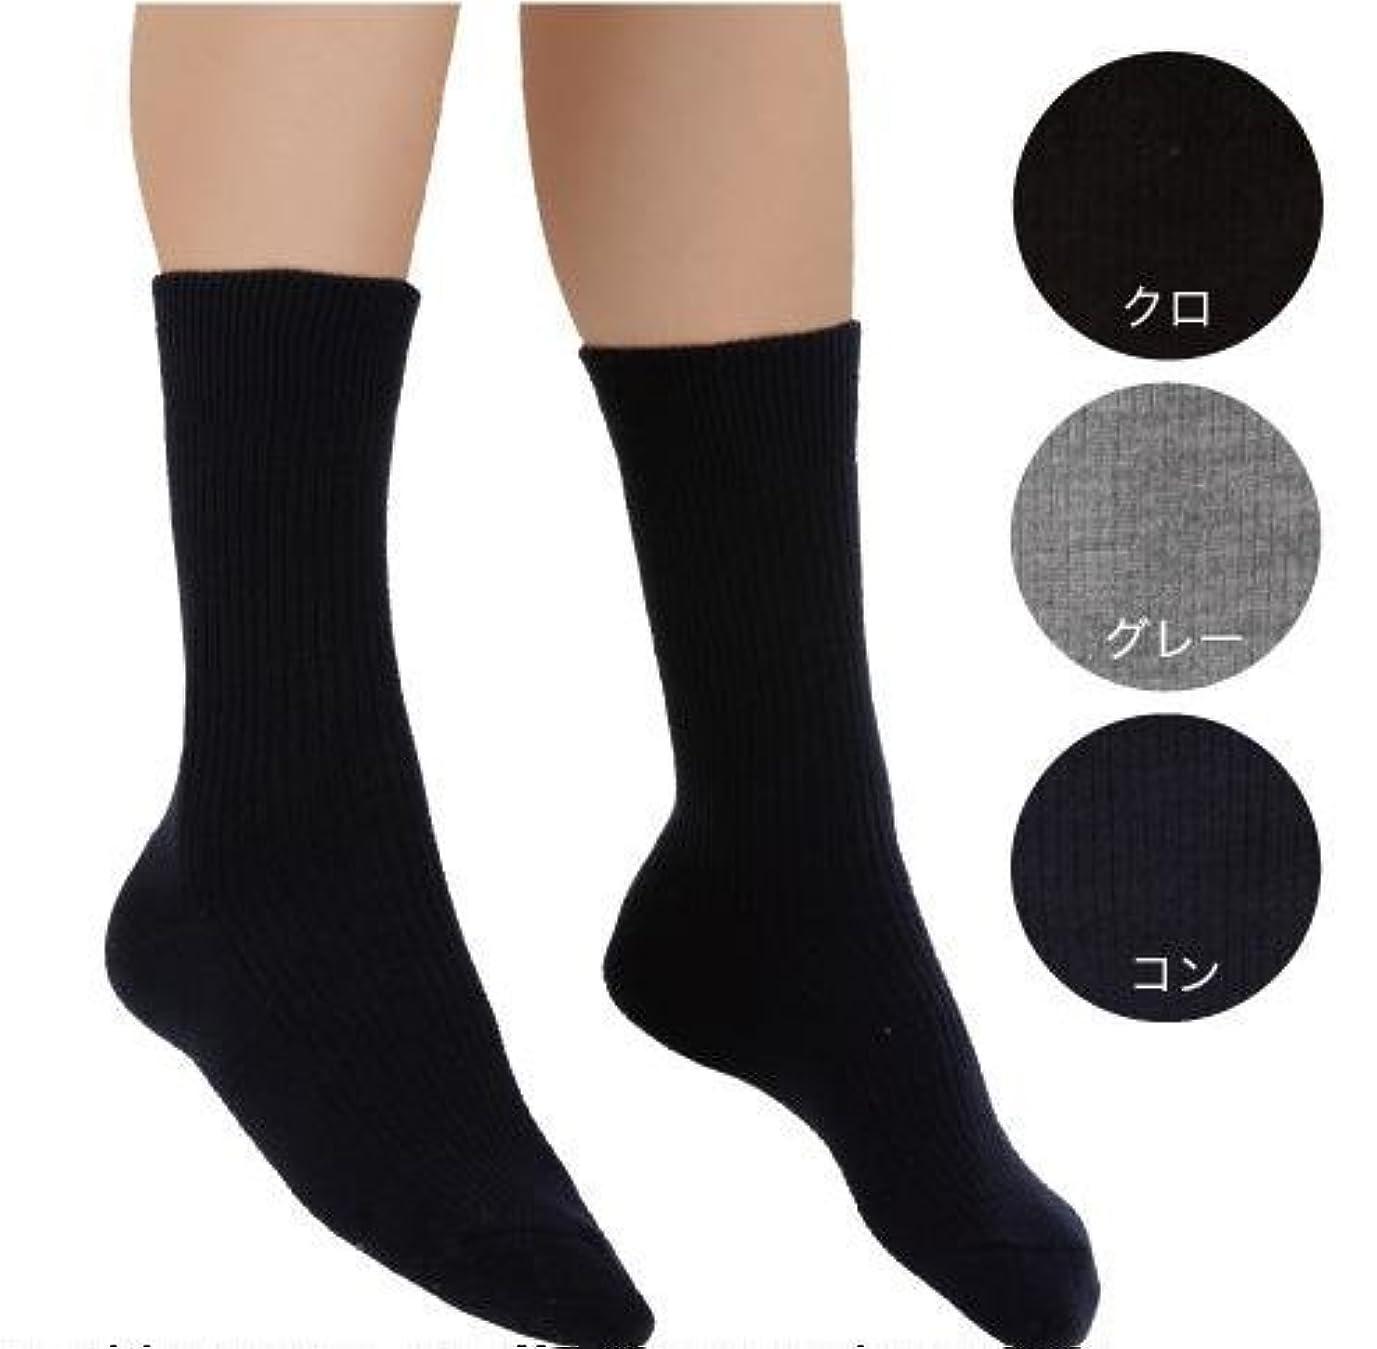 熟達した安定独裁健康肌着 ひだまり ダブルソックス 3足組 (紳士用:黒、紺、グレー の3色組/フリーサイズ(24~26cm))